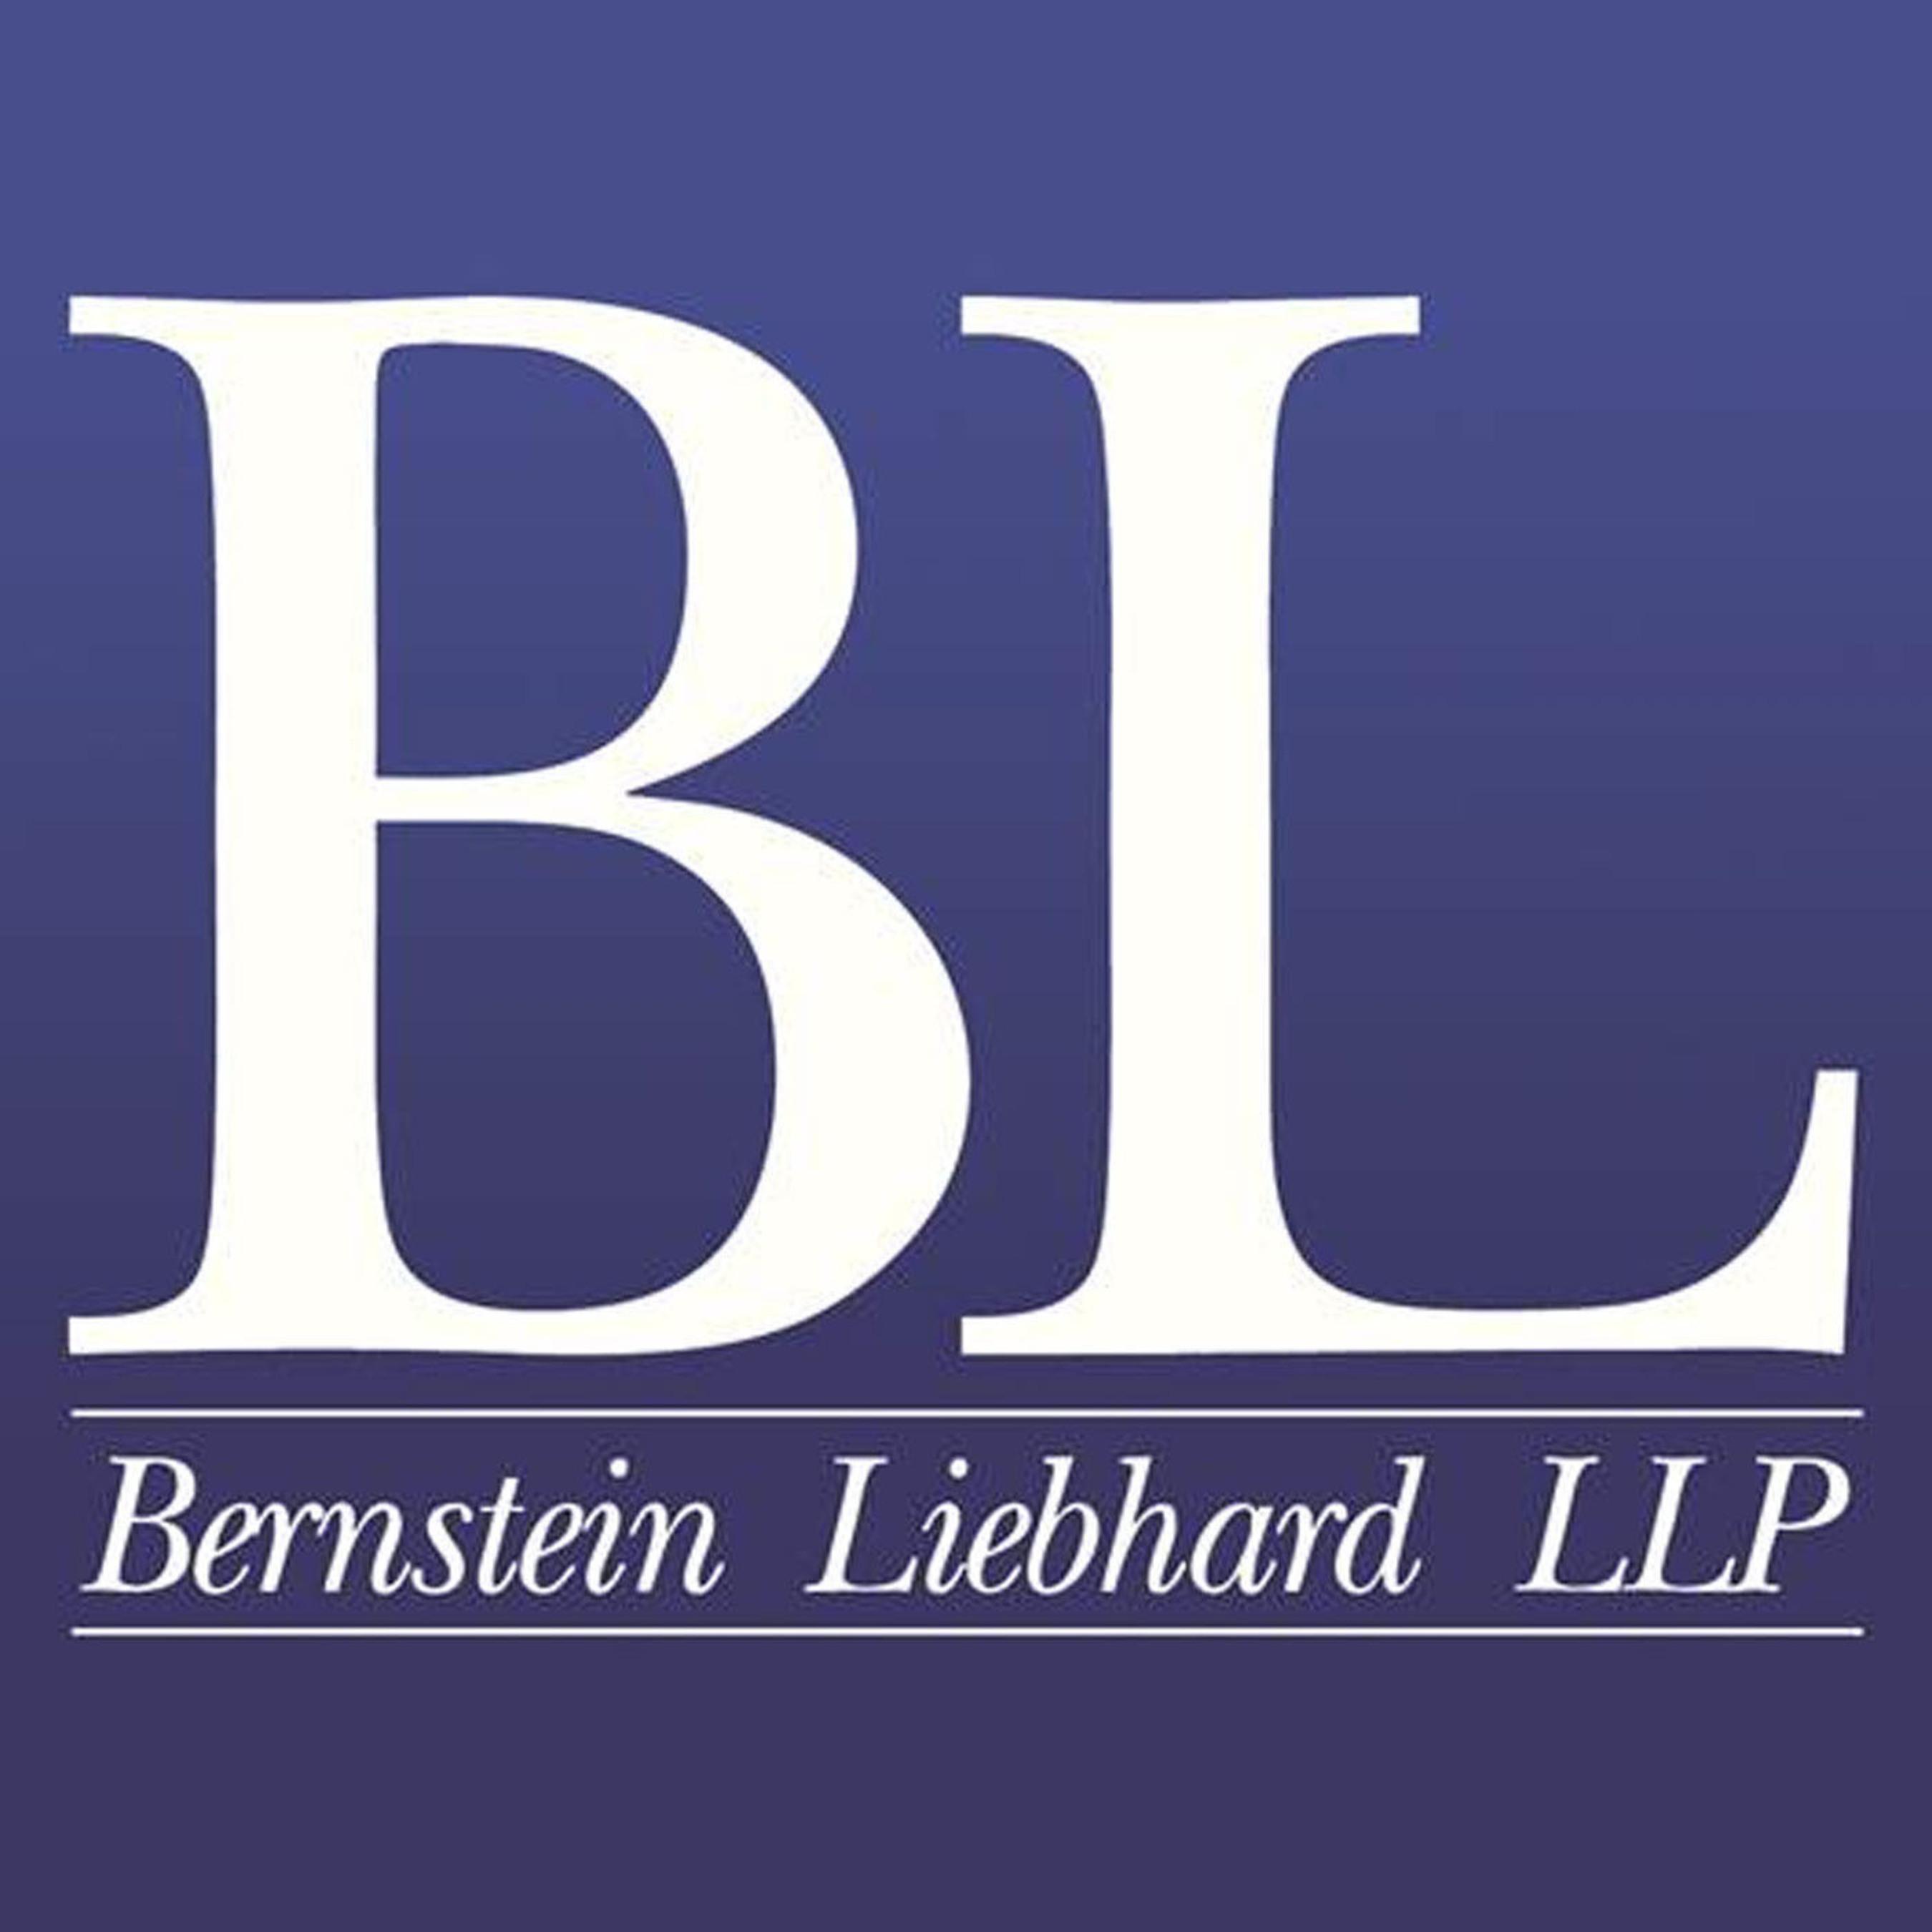 Bernstein Liebhard LLP